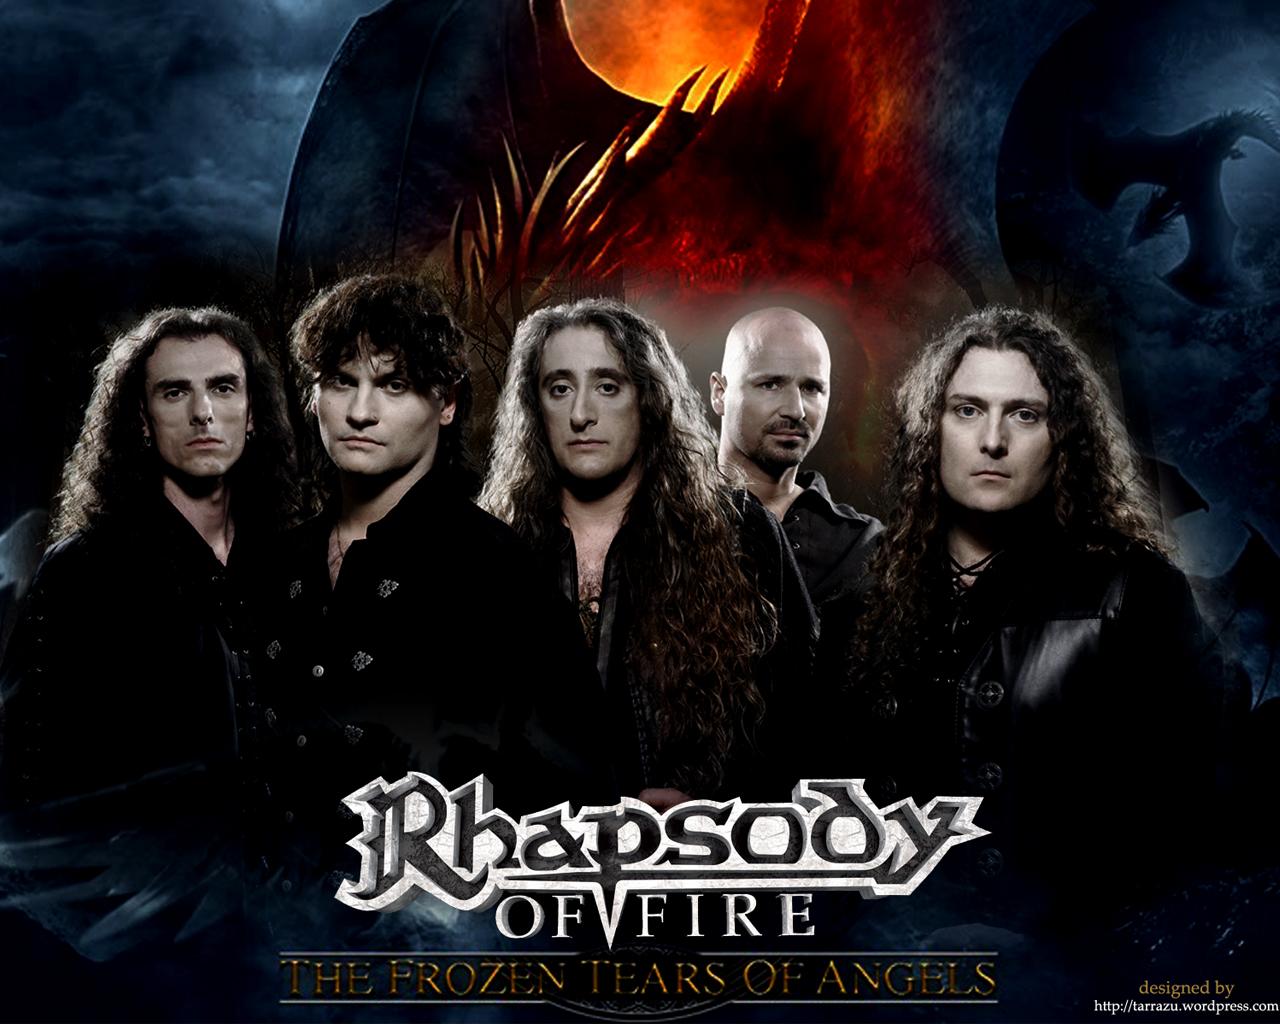 http://1.bp.blogspot.com/-9JYaVKj6pHw/TrAsr2mu-KI/AAAAAAAABcI/y0Fds6BbPNM/s1600/rhapsody-of-fire-froze-tears-of-angels-tarrazu-wordpress-1280x1024.jpg